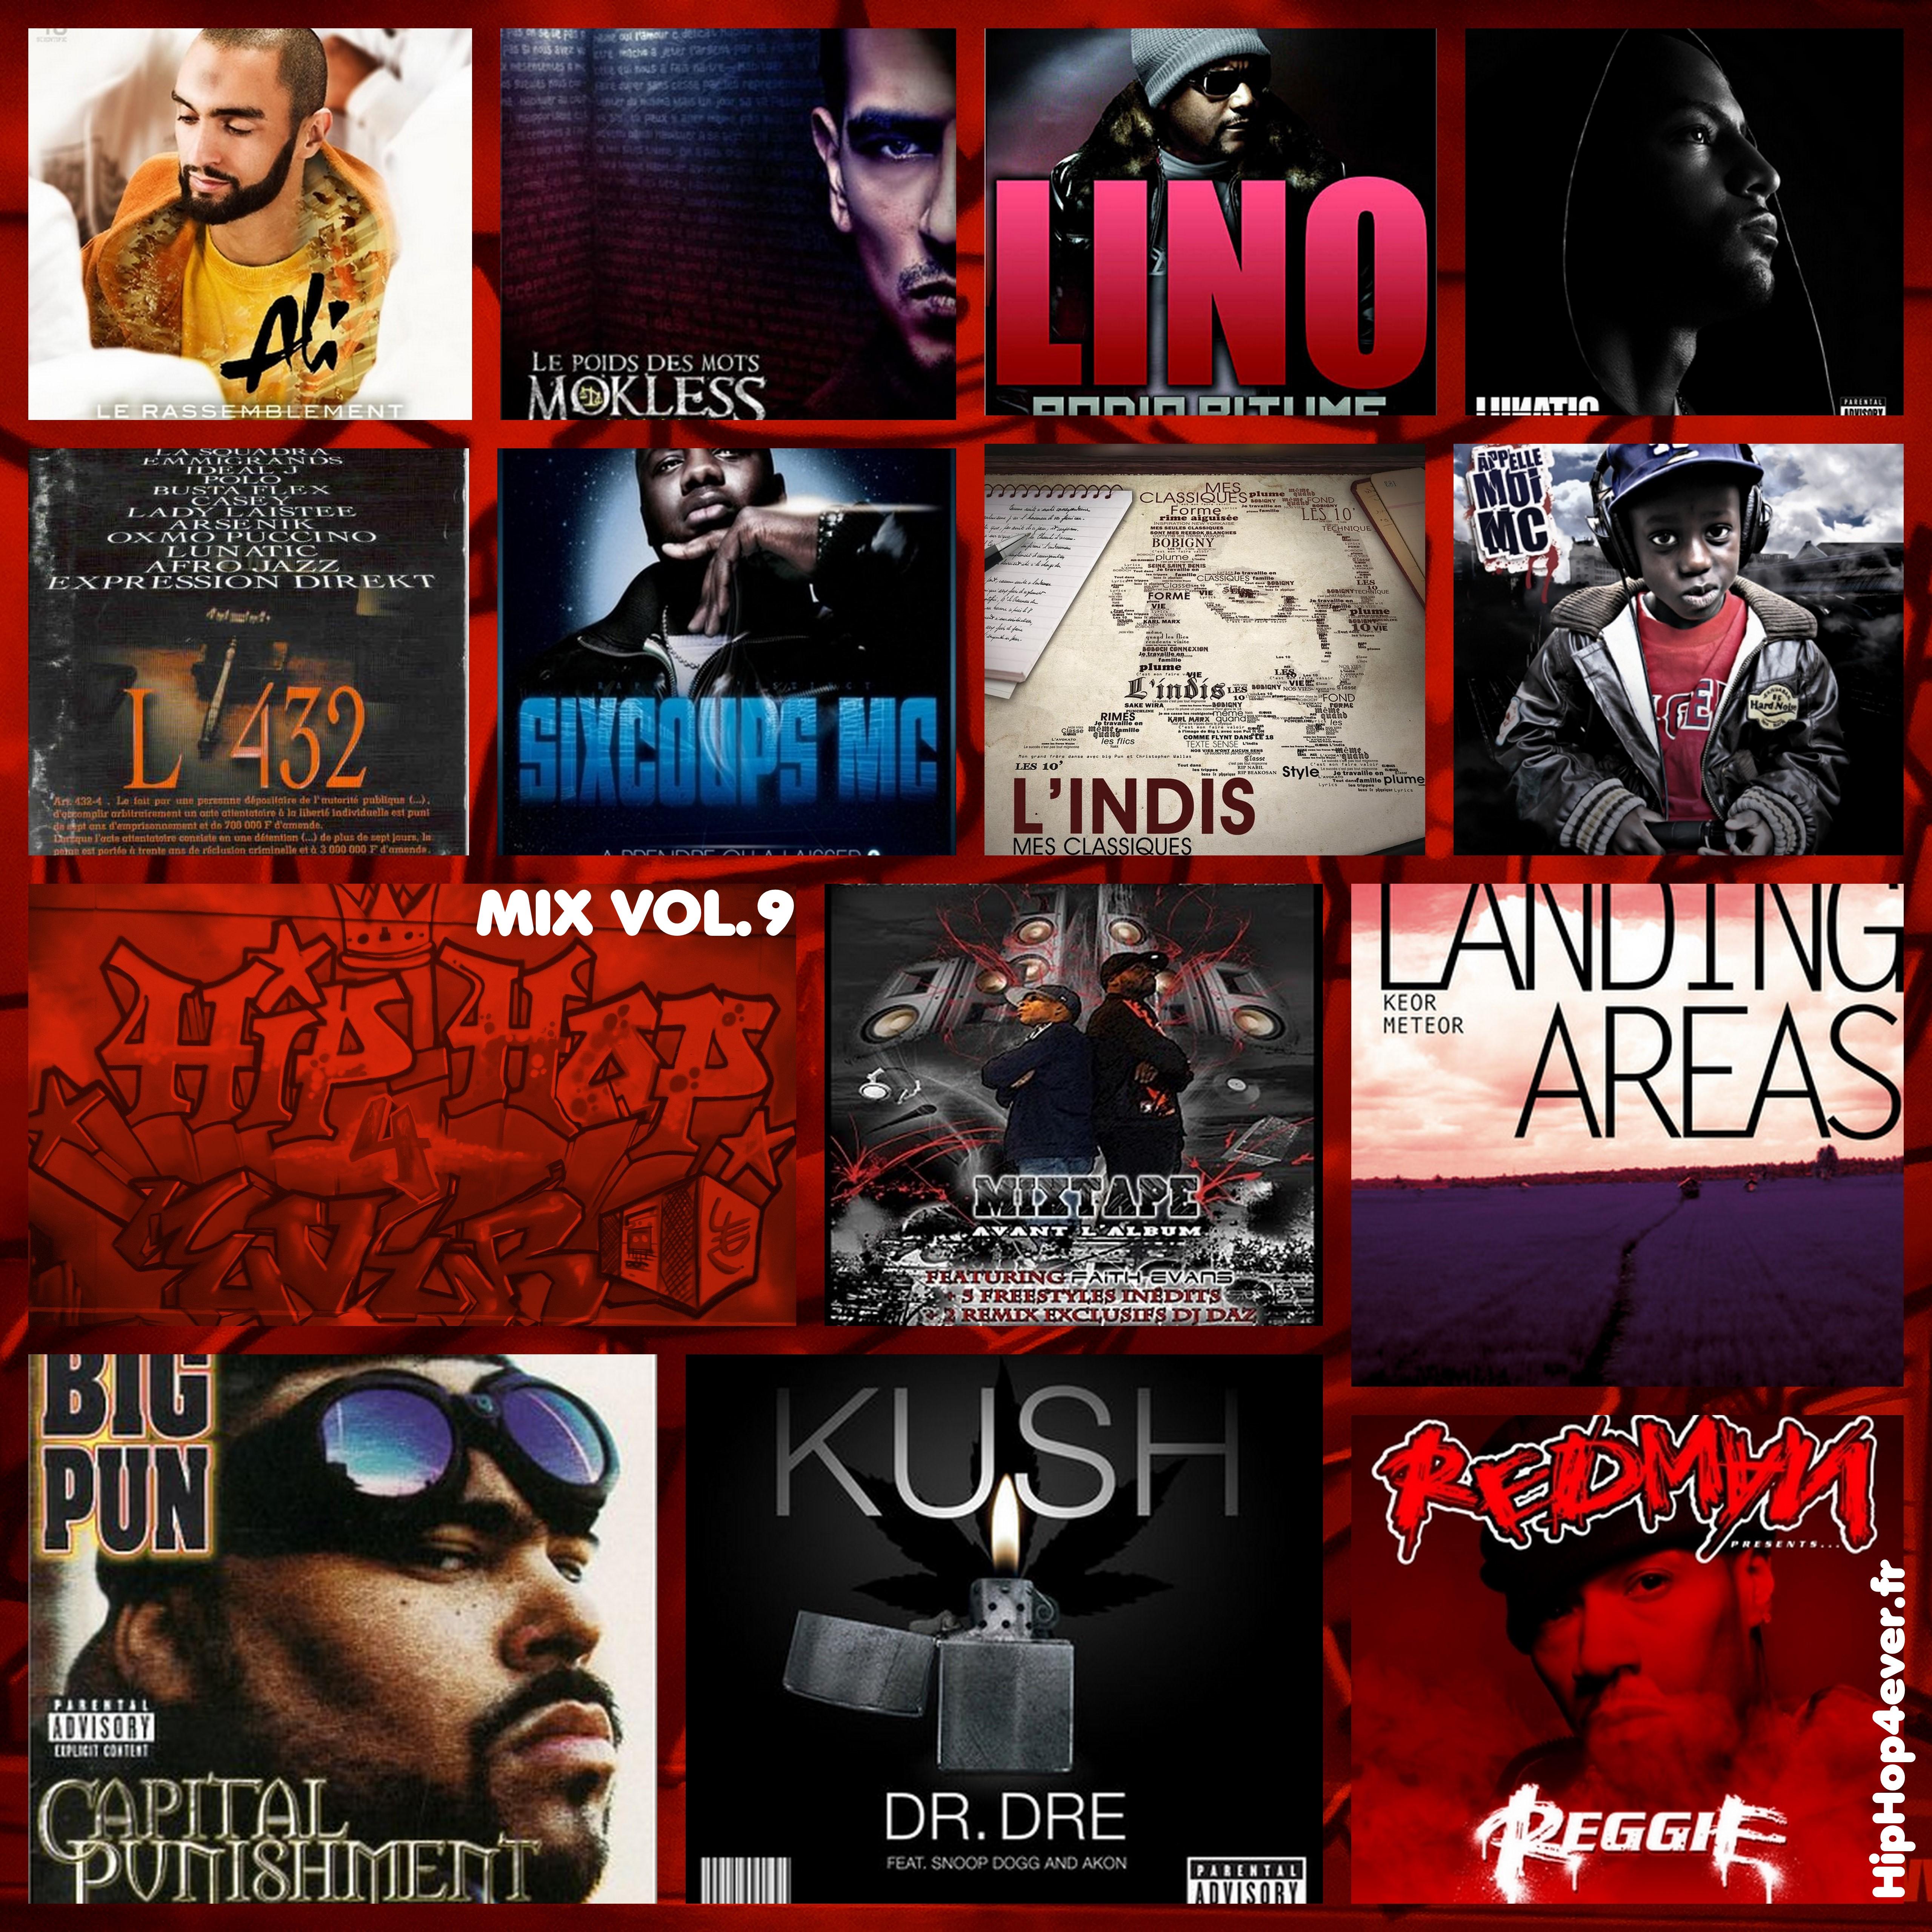 hiphop4ever-mix-vol-9